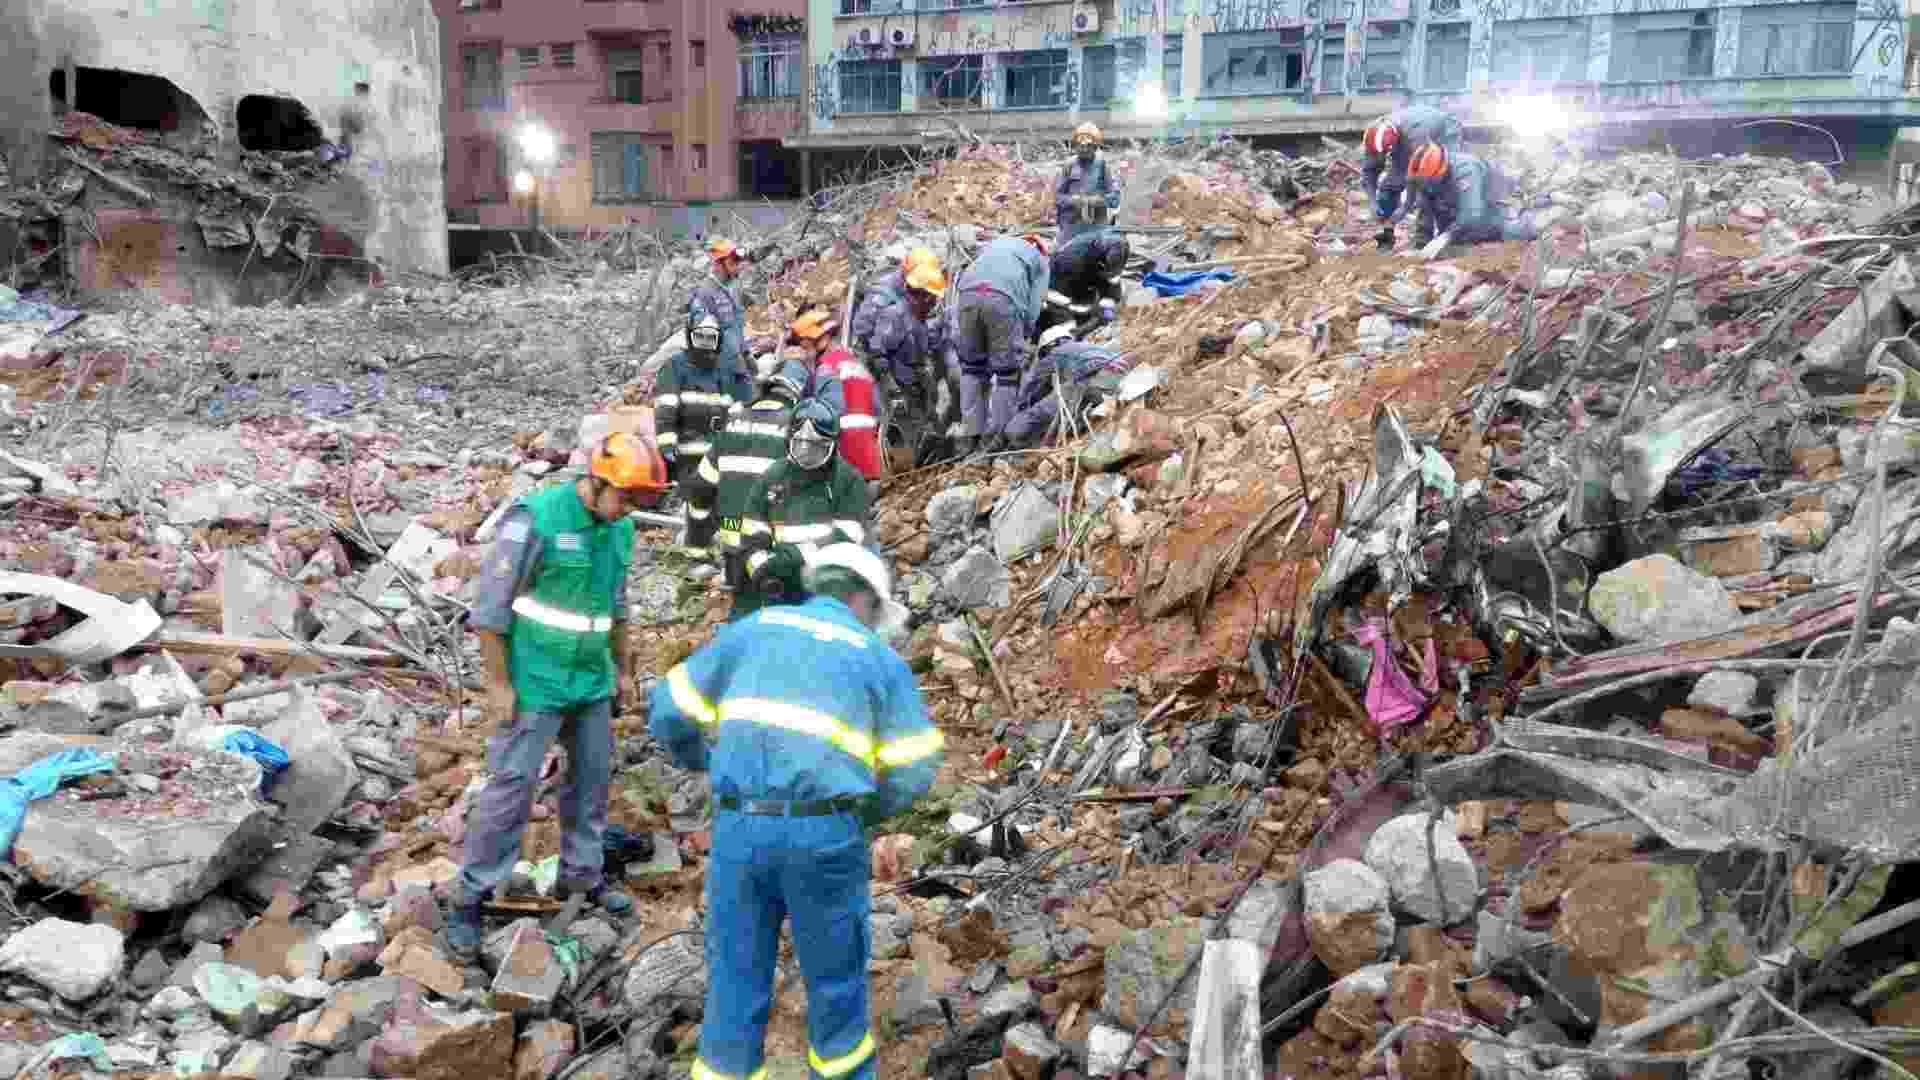 8.mai.2018 - Bombeiros trabalham no local onde foi localizado o corpo da segunda vítima do desabamento do edifício Wilton Paes de Almeida, no largo do Paissandu, região central de São Paulo - Divulgação/Bombeiros SP